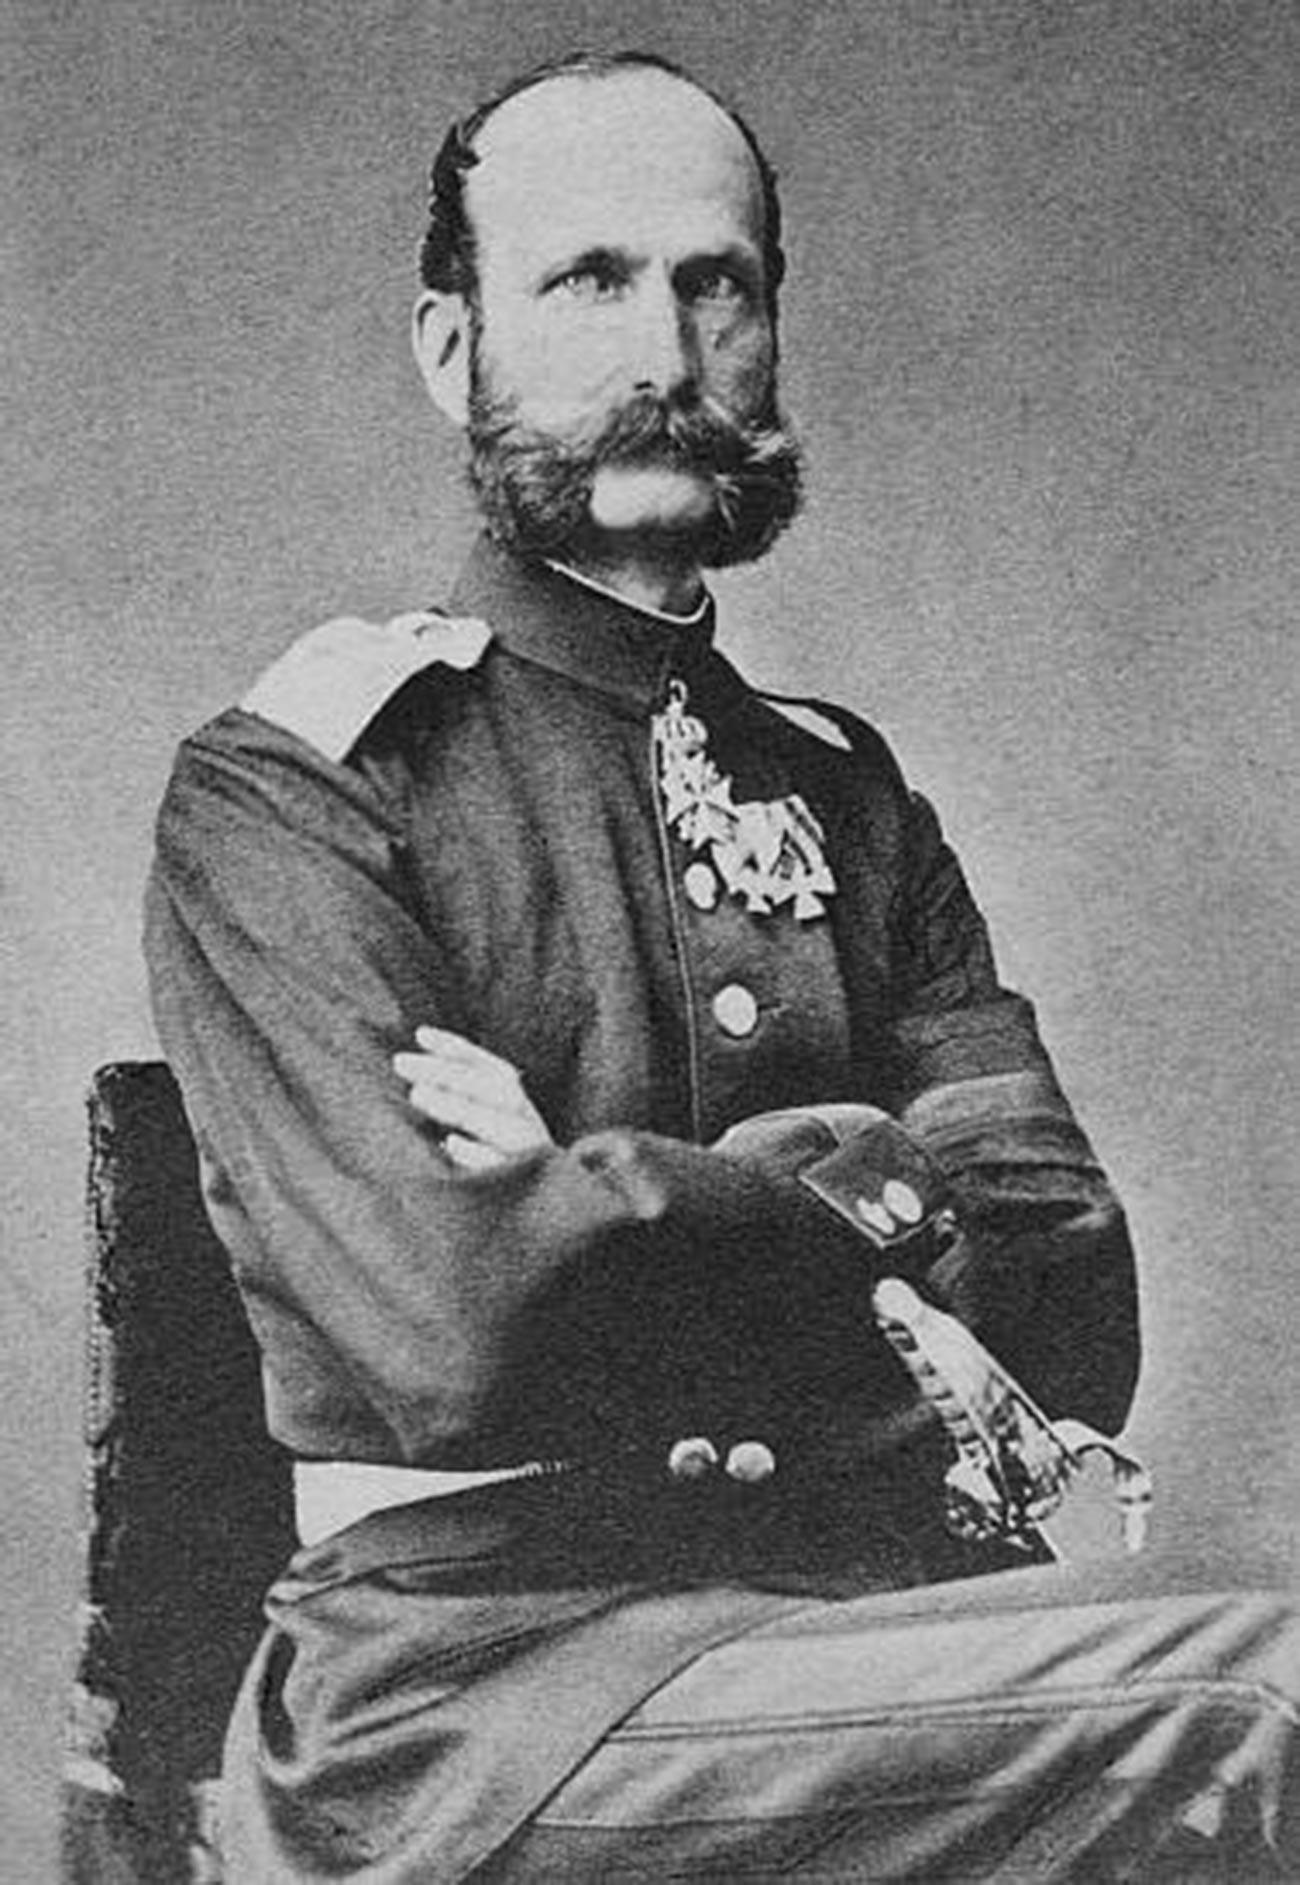 Príncipe Aleksandr de Hesse e Reno (1823-1888)